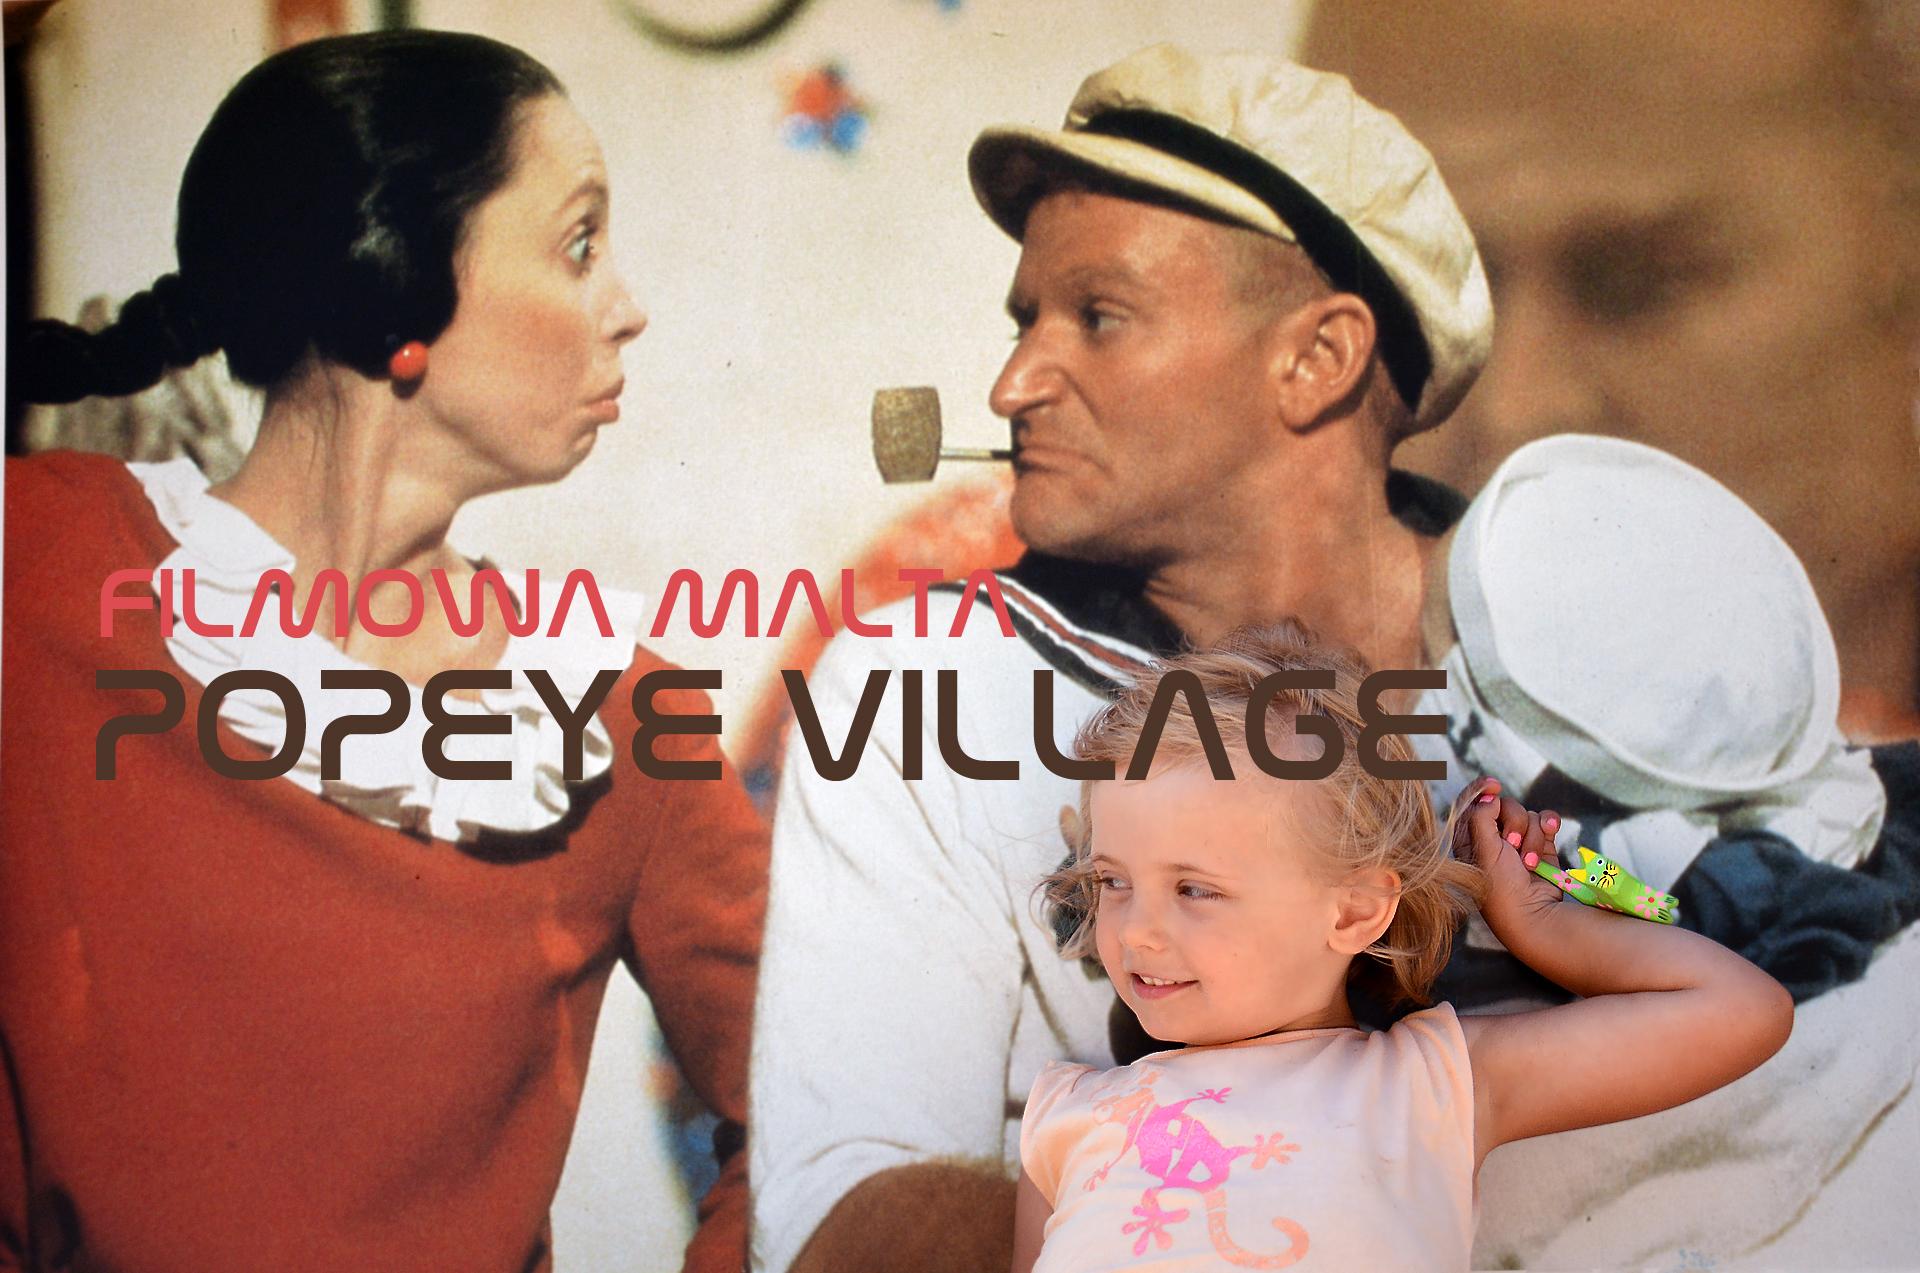 Filmowa Malta | Popeye Village, czyli kolorowa wioska Popeye'a na Malcie | atrakcja dla dzieci na Malcie